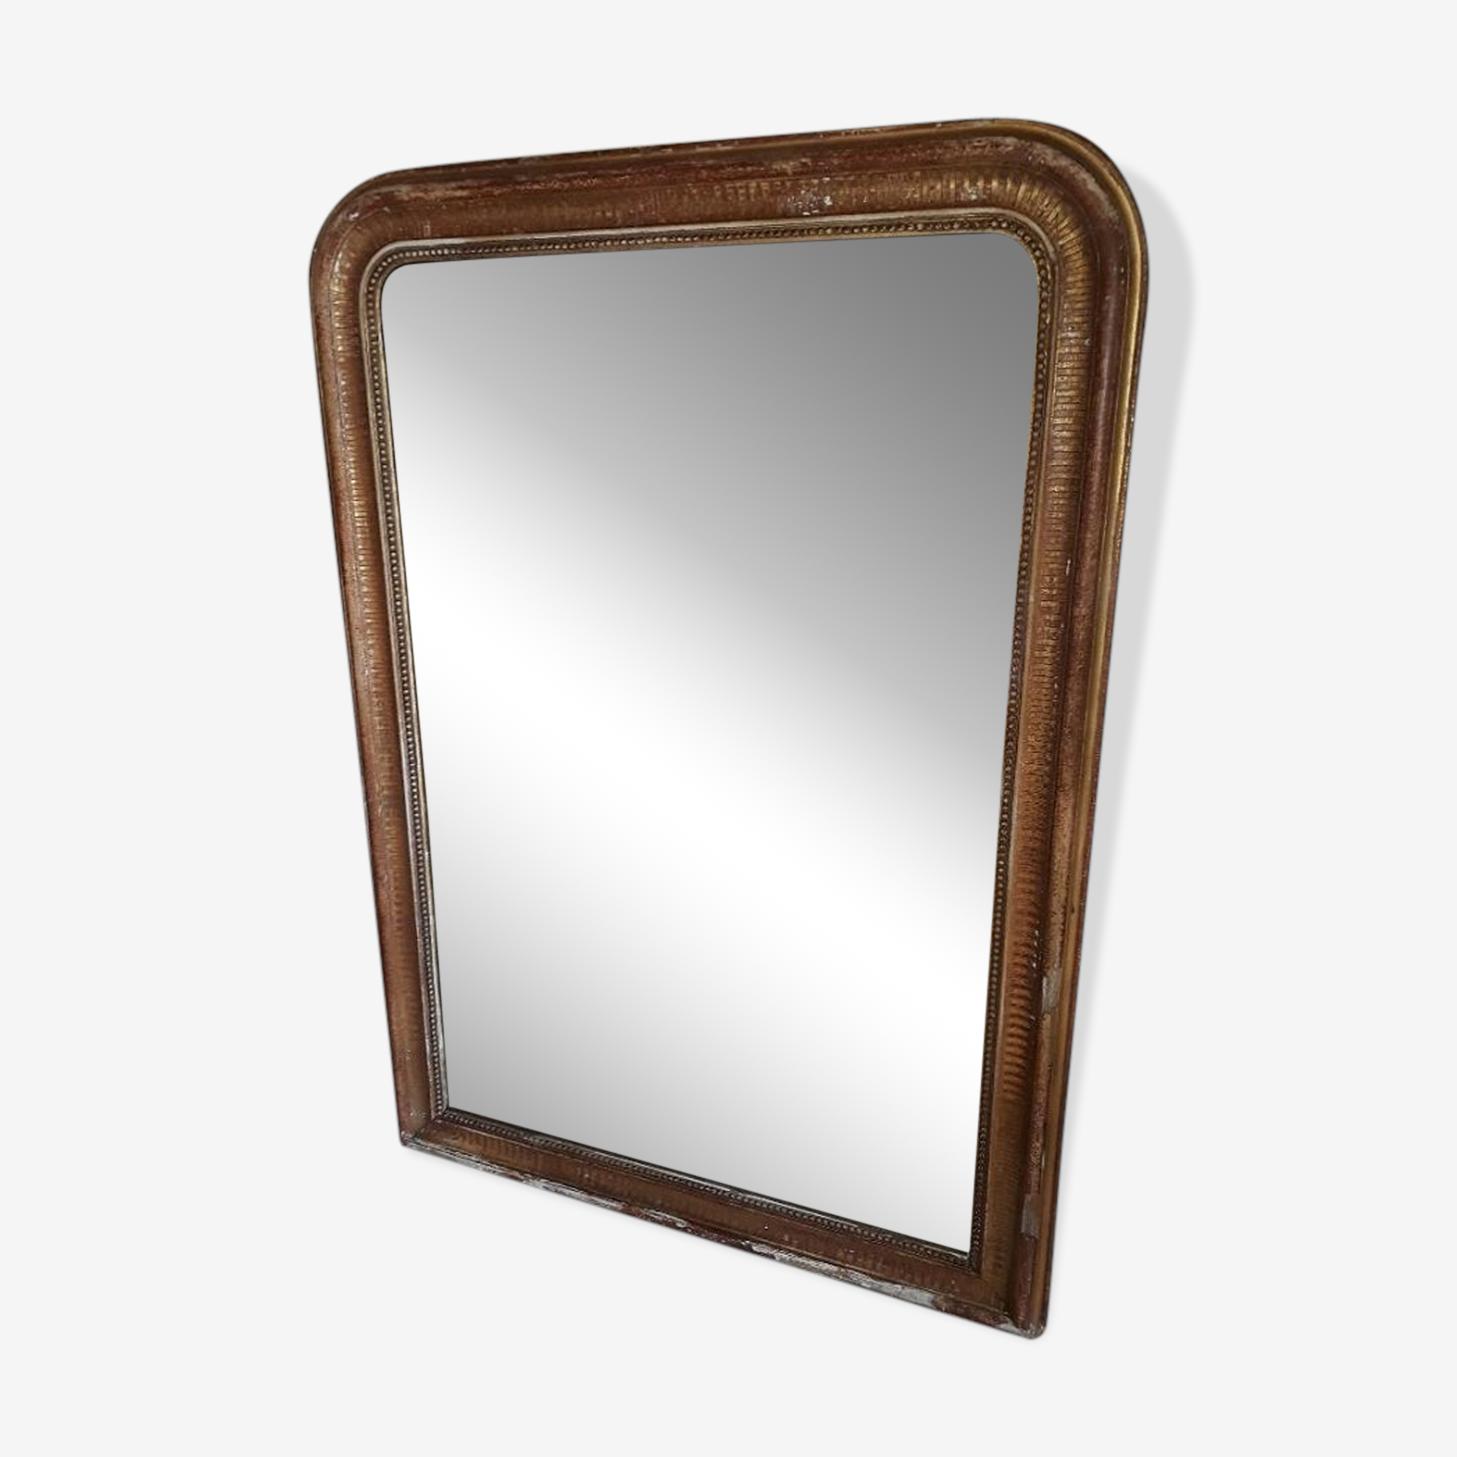 Miroir trumeau de cheminée Louis Philippe 134 x 95cm